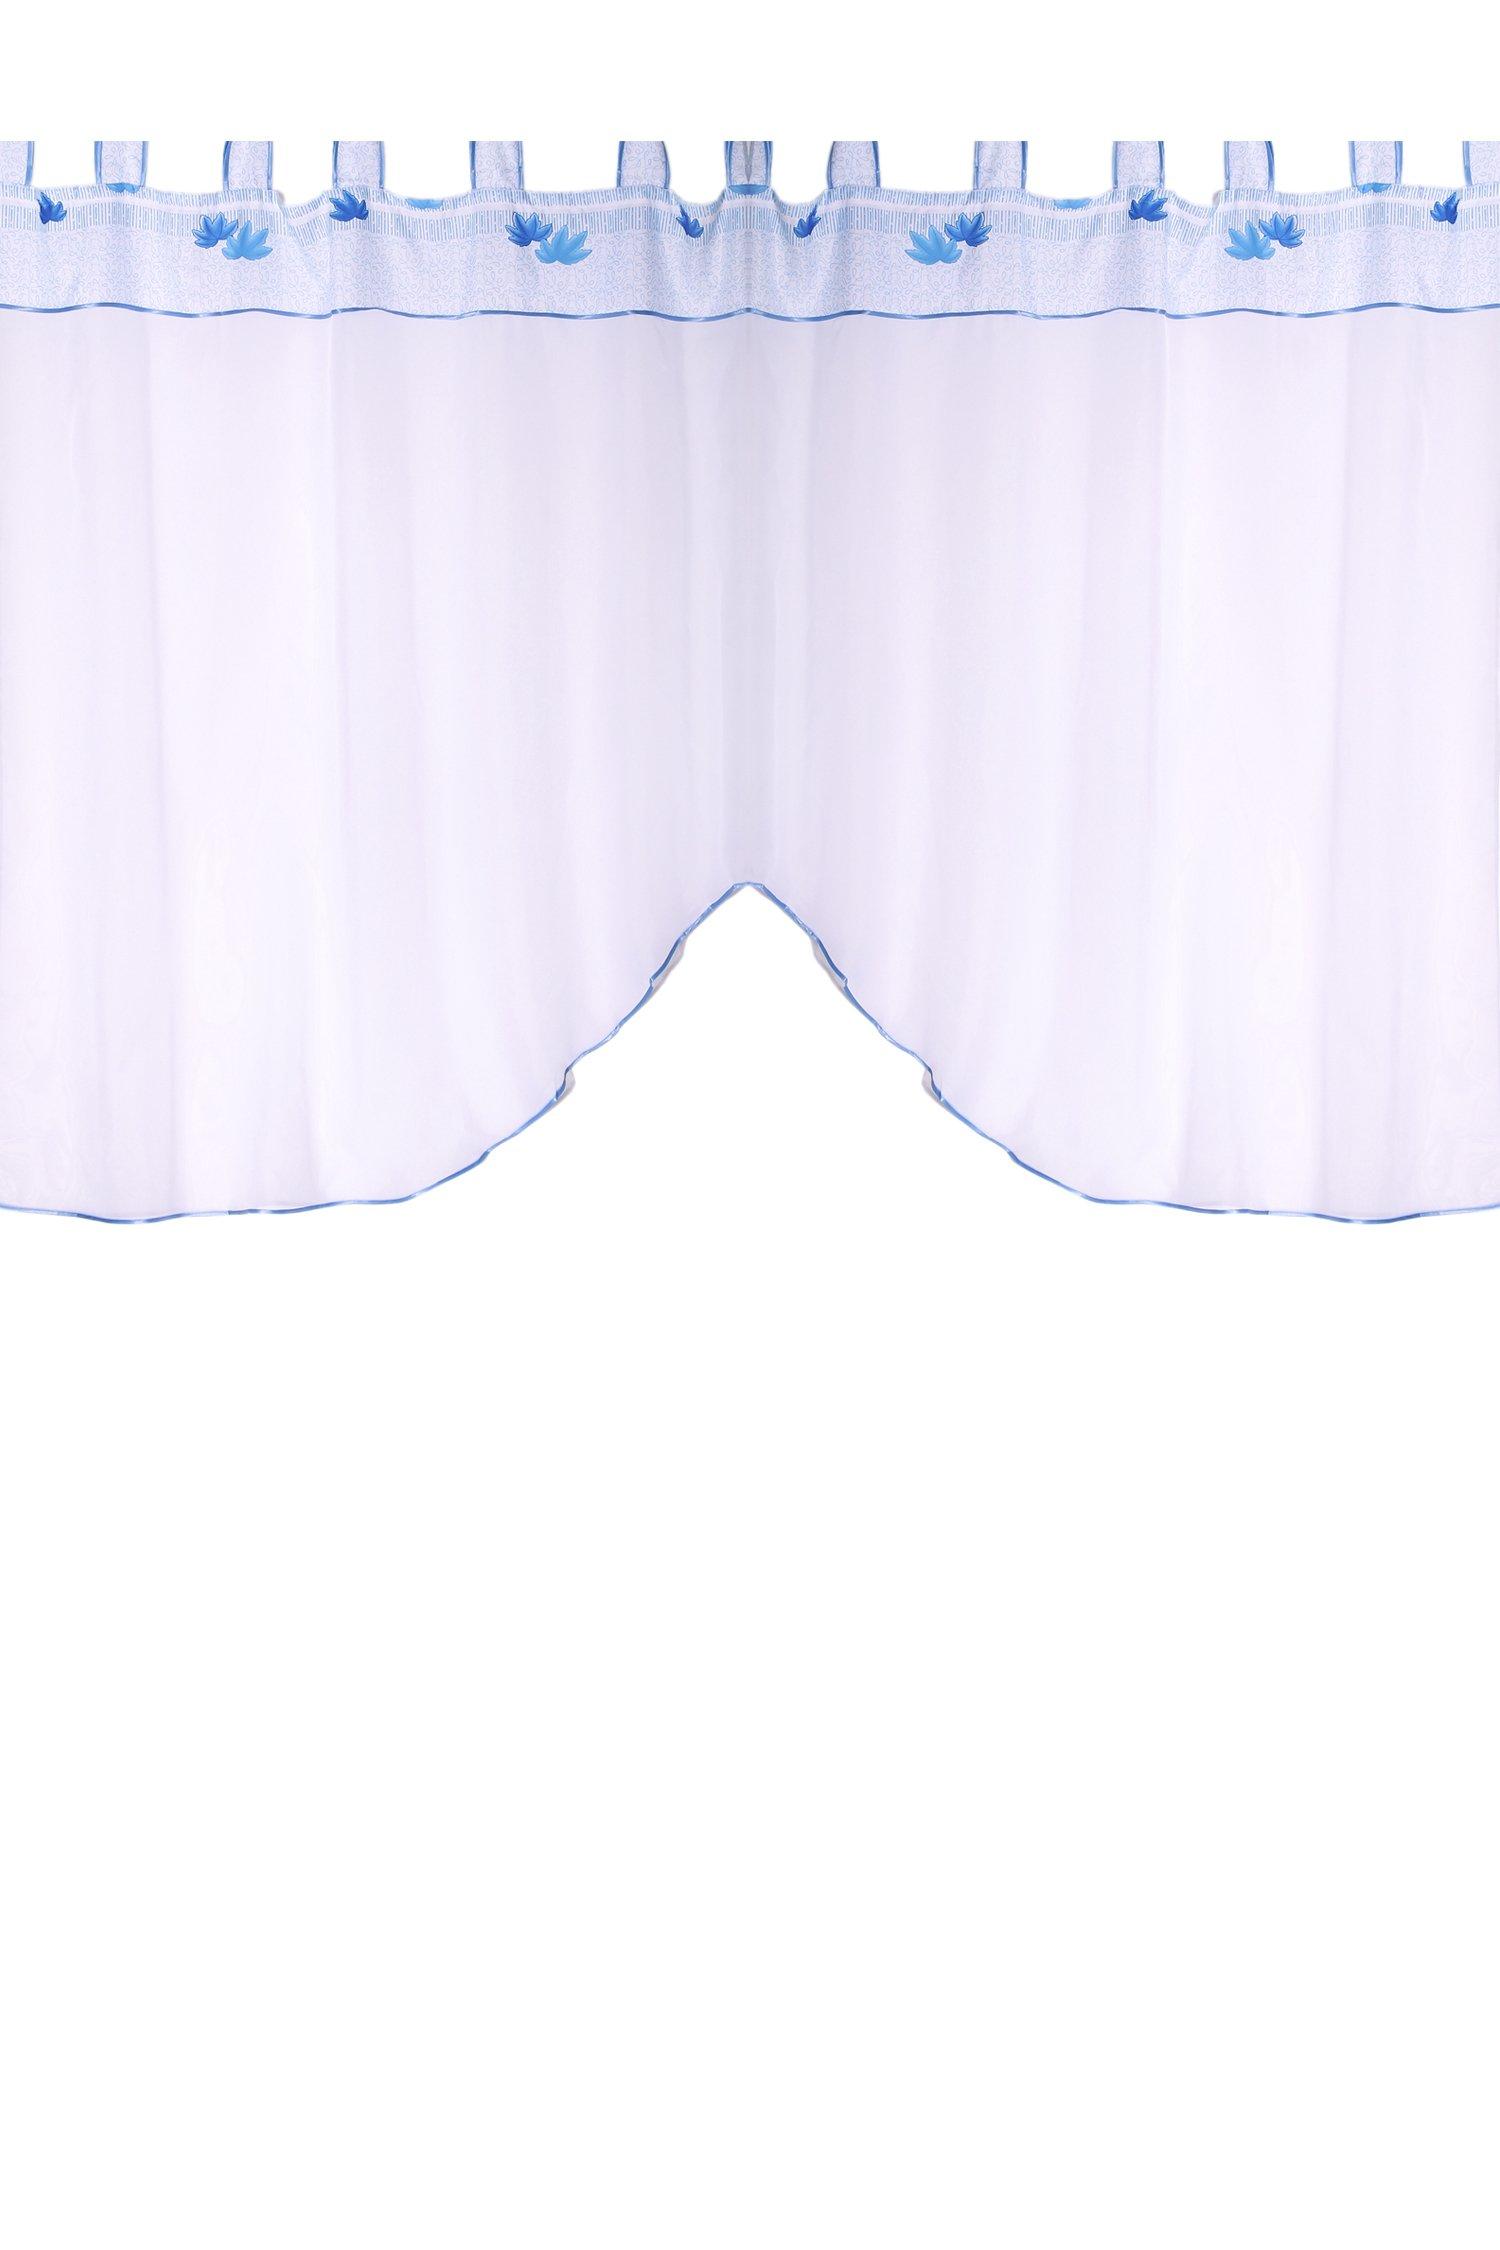 Шторы для кухниДля кухни<br>Шторы изготовлены специально для круглых карнизов и одеваются на трубку карниза с помощью специальных петель.  В комплект входят (ширина х высоту): Штора: 290см x 170см; Материал: вуаль, ткань декоративная. Высота комплекта: 1,7 метра. Рекомендуемая длина карниза: 2 метра; Тип карниза: однорядный; Способ крепления: петли.<br><br>Карниз: Однорядный<br>Отделка края: Лентами<br>По материалу: Вуаль<br>По рисунку: Однотонные<br>По способу крепления: На петлях<br>По стилю: Классические шторы<br>Размеры: До подоконника<br>Размер : 1,7*2,0<br>Материал: Вуаль<br>Количество в наличии: 1